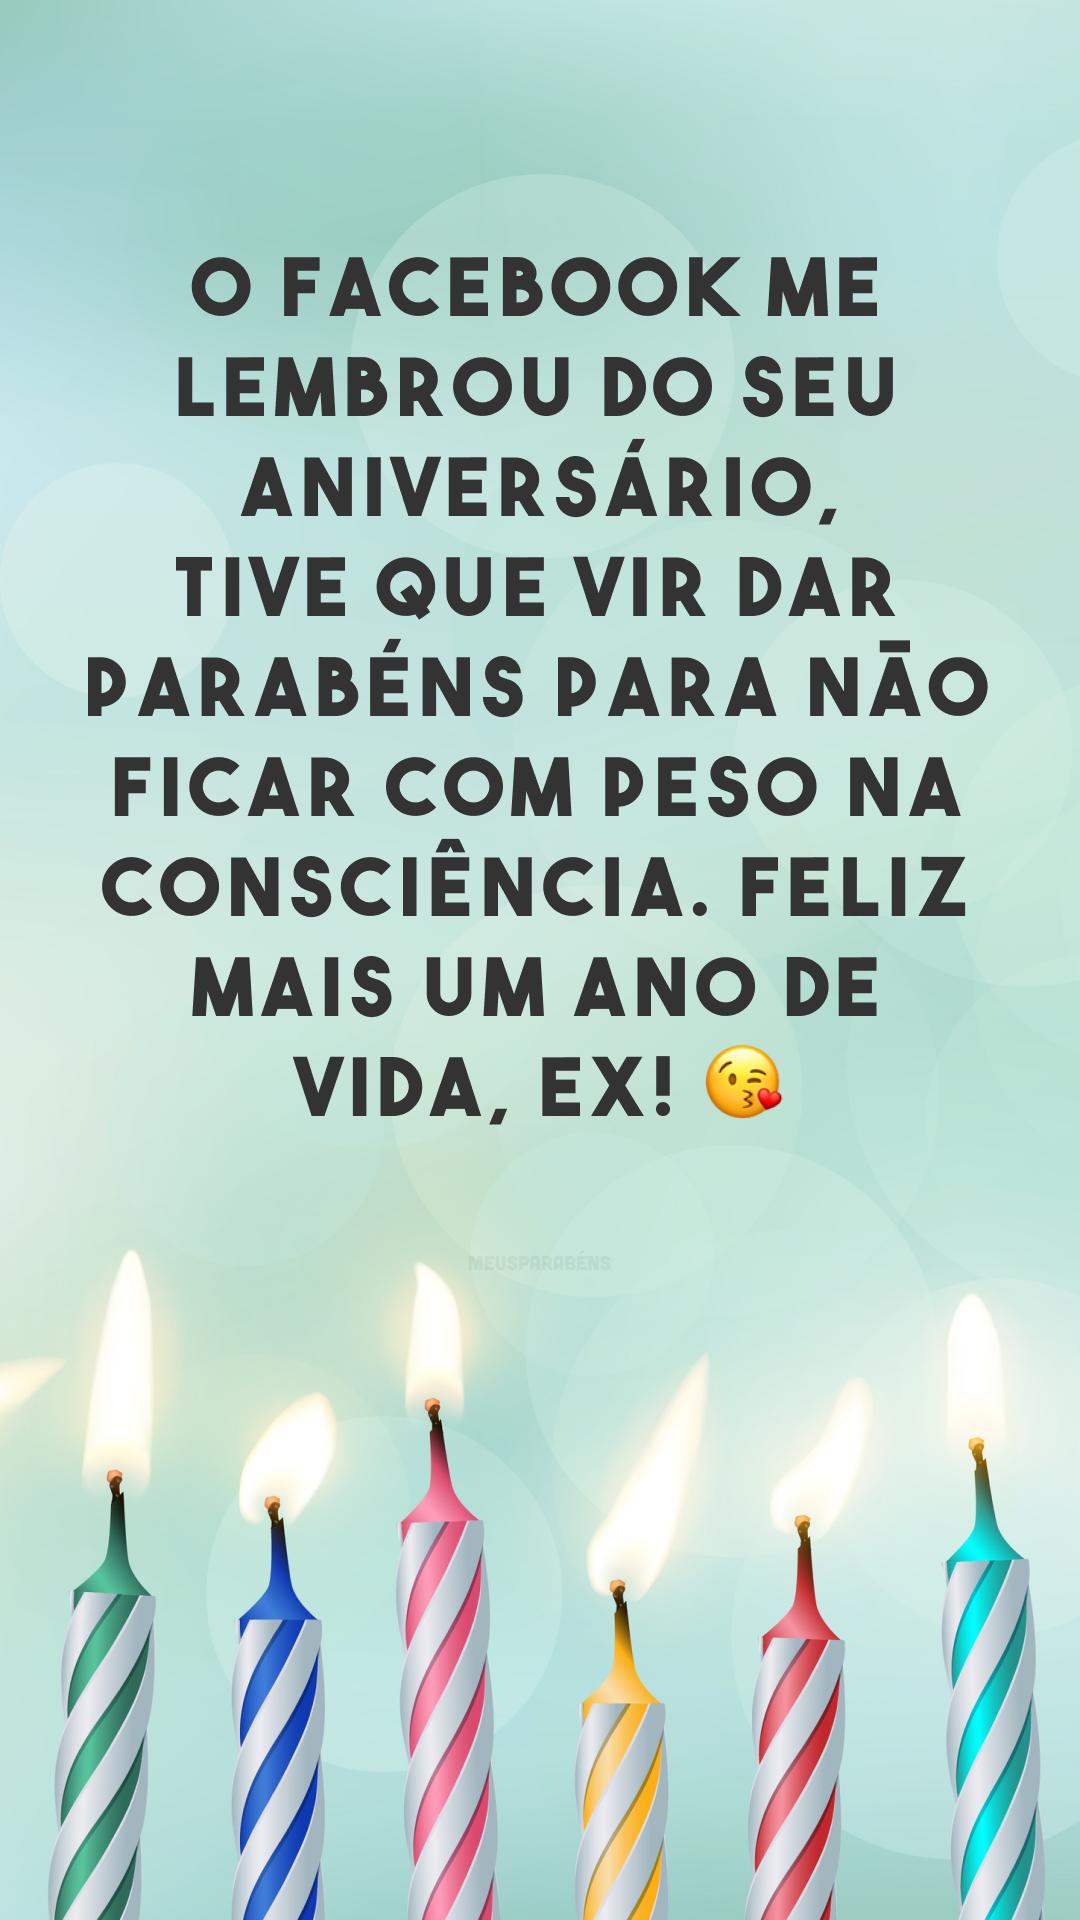 O Facebook me lembrou do seu aniversário, tive que vir dar parabéns para não ficar com peso na consciência. Feliz mais um ano de vida, ex! 😘